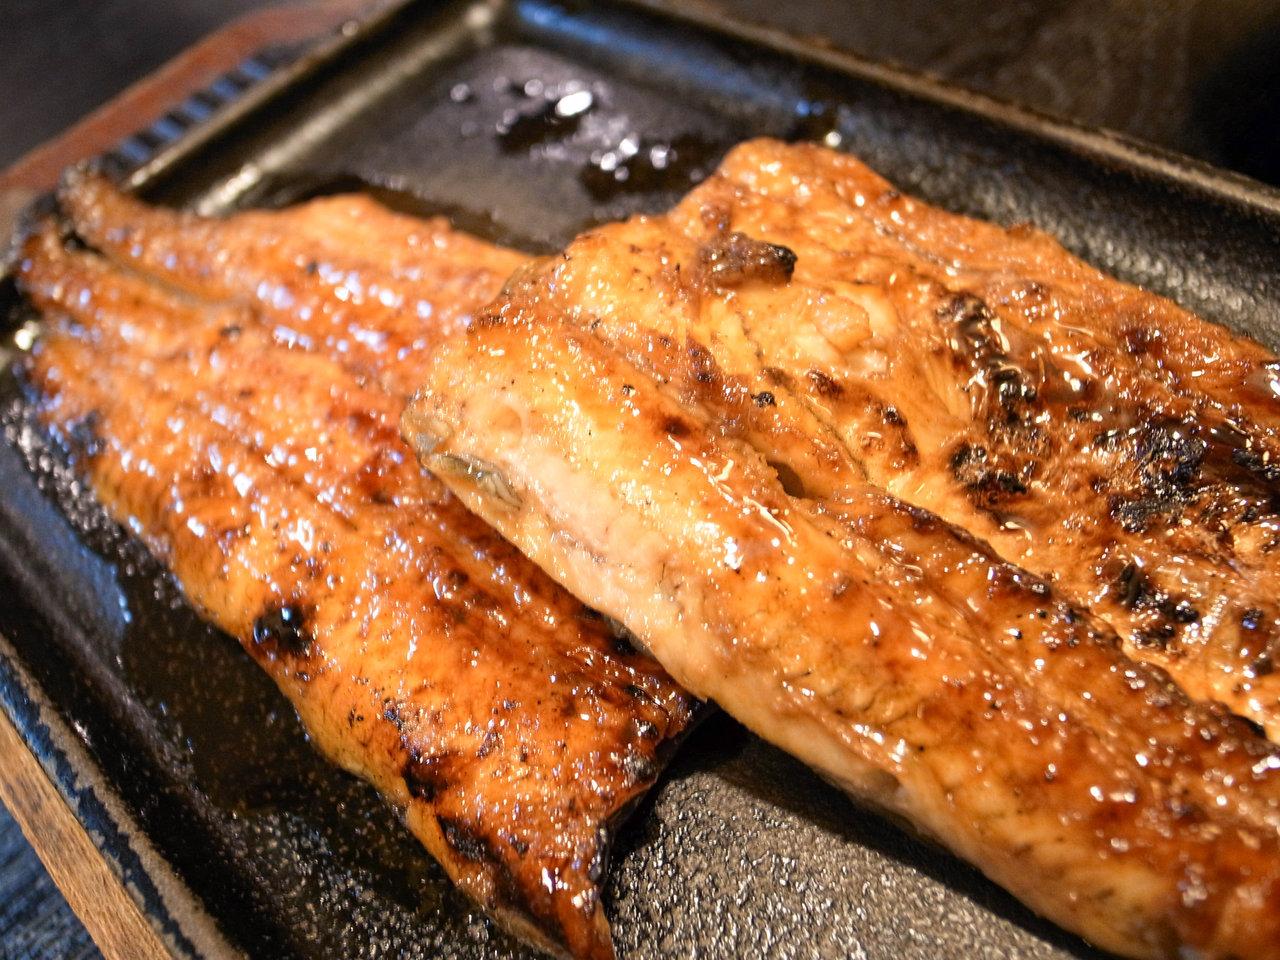 夏バテ解消!渋谷「元祖うな鐵」うなぎを丸々1匹串焼きでいただく